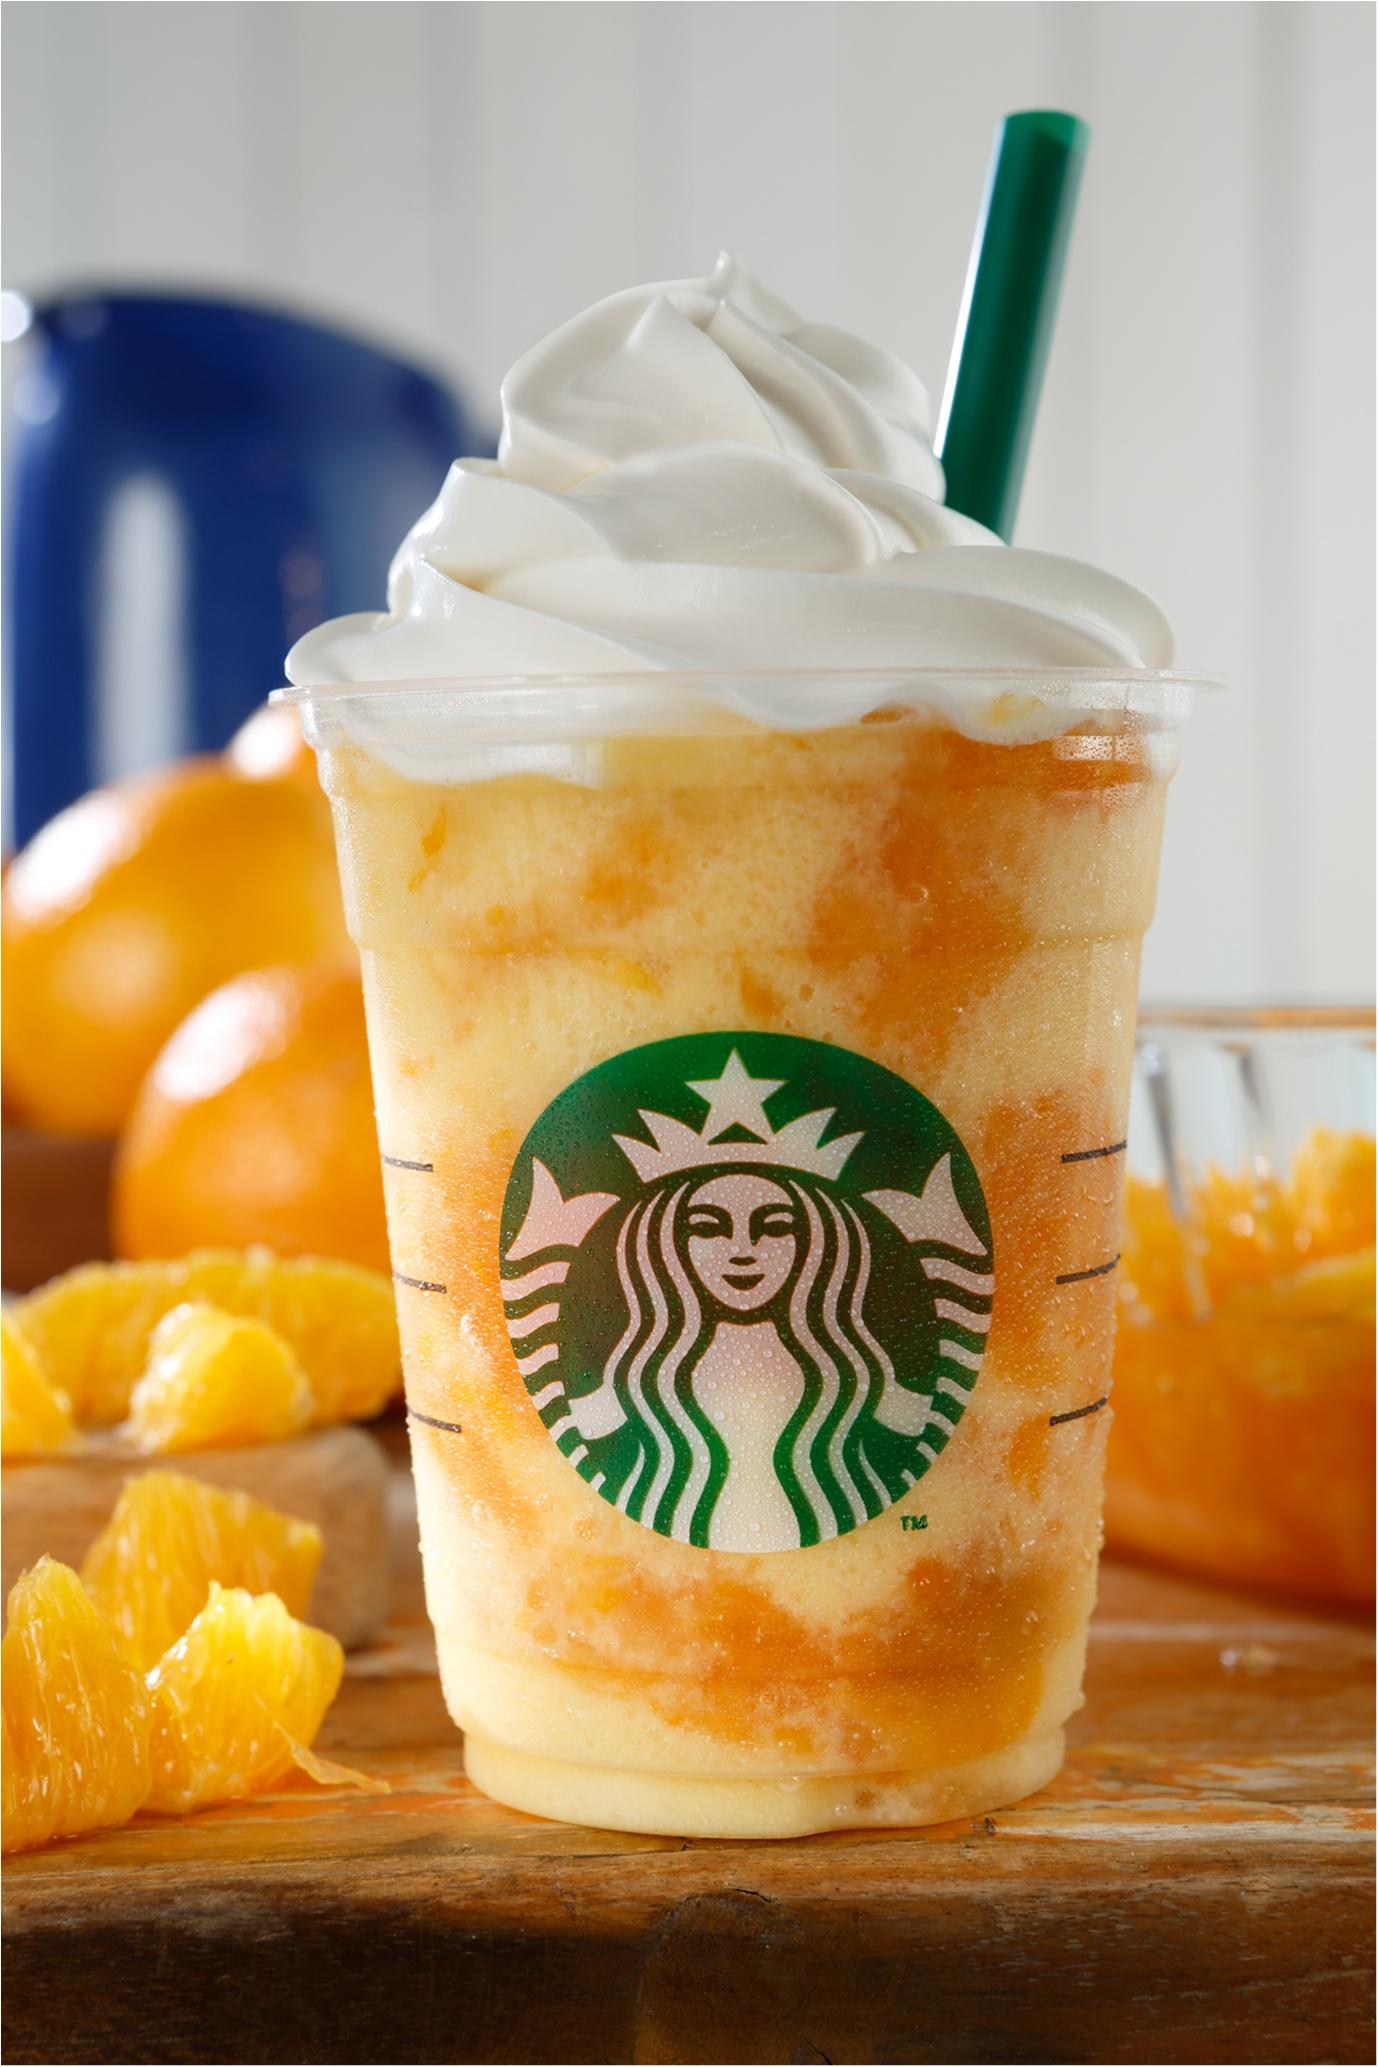 まるでオレンジ丸かじり!!! 『スターバックス』の明日発売の新作フラペチーノはここがすごい!_2